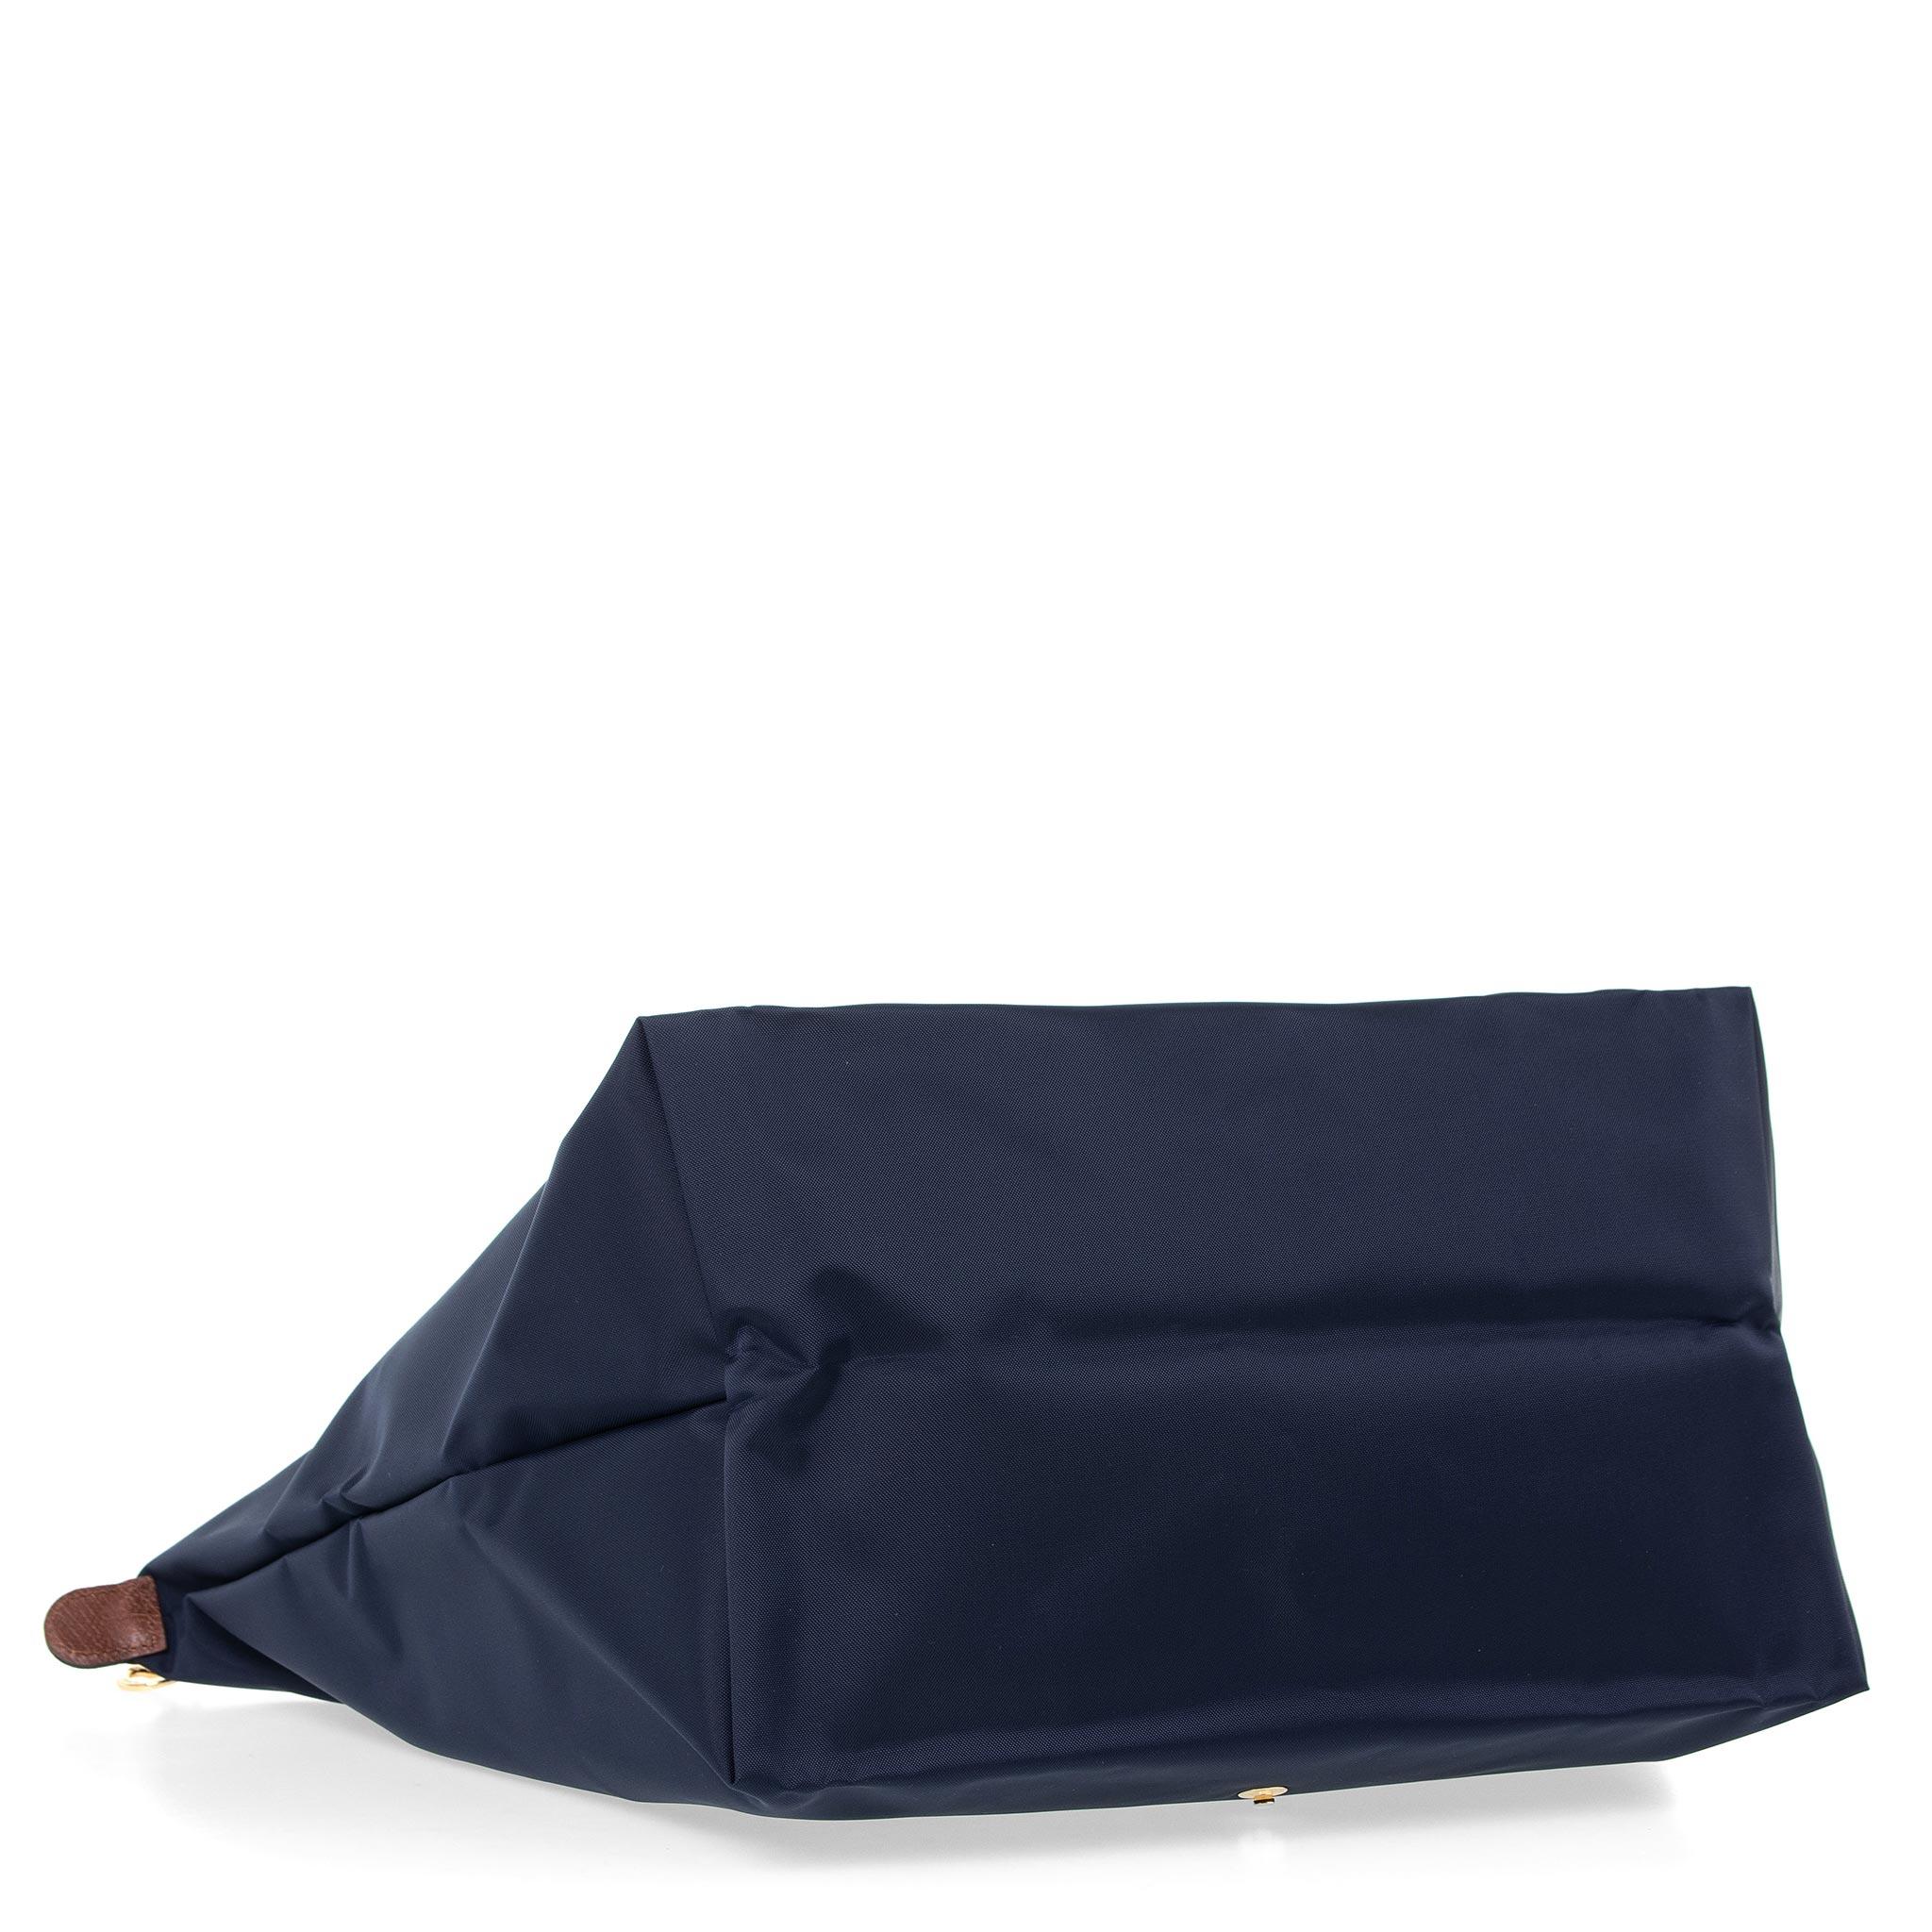 Longchamp tote bags LE PLIAGE [Le pliage, 1899 089 all 13 color LONGCHAMP